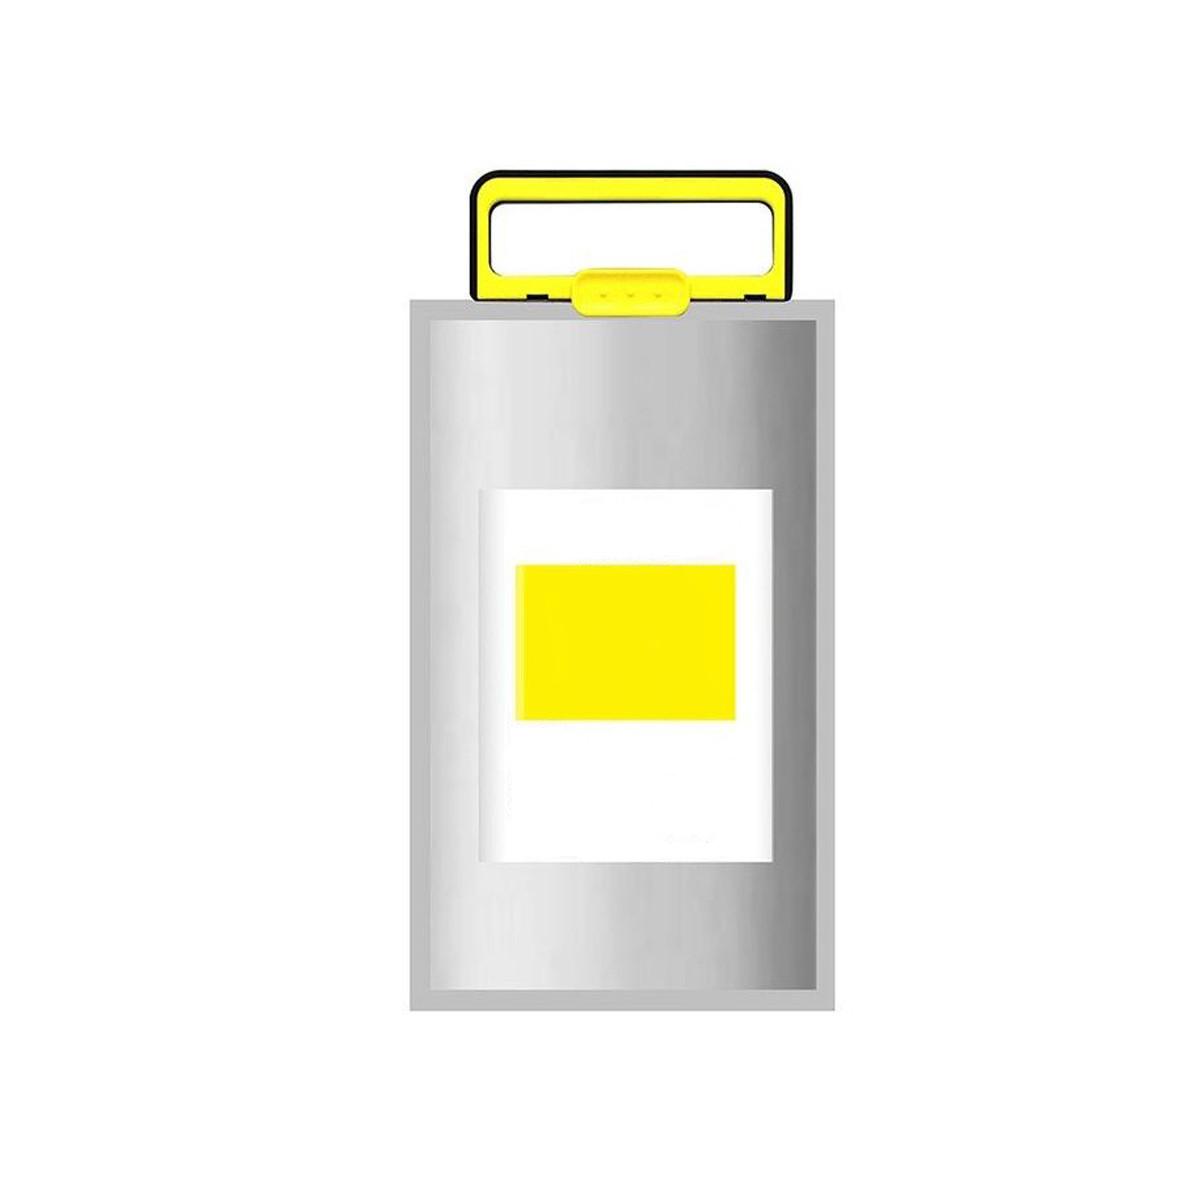 Tinta Compatível com Epson Ink Bag Amarelo   WF-C869 WF-C860   22k